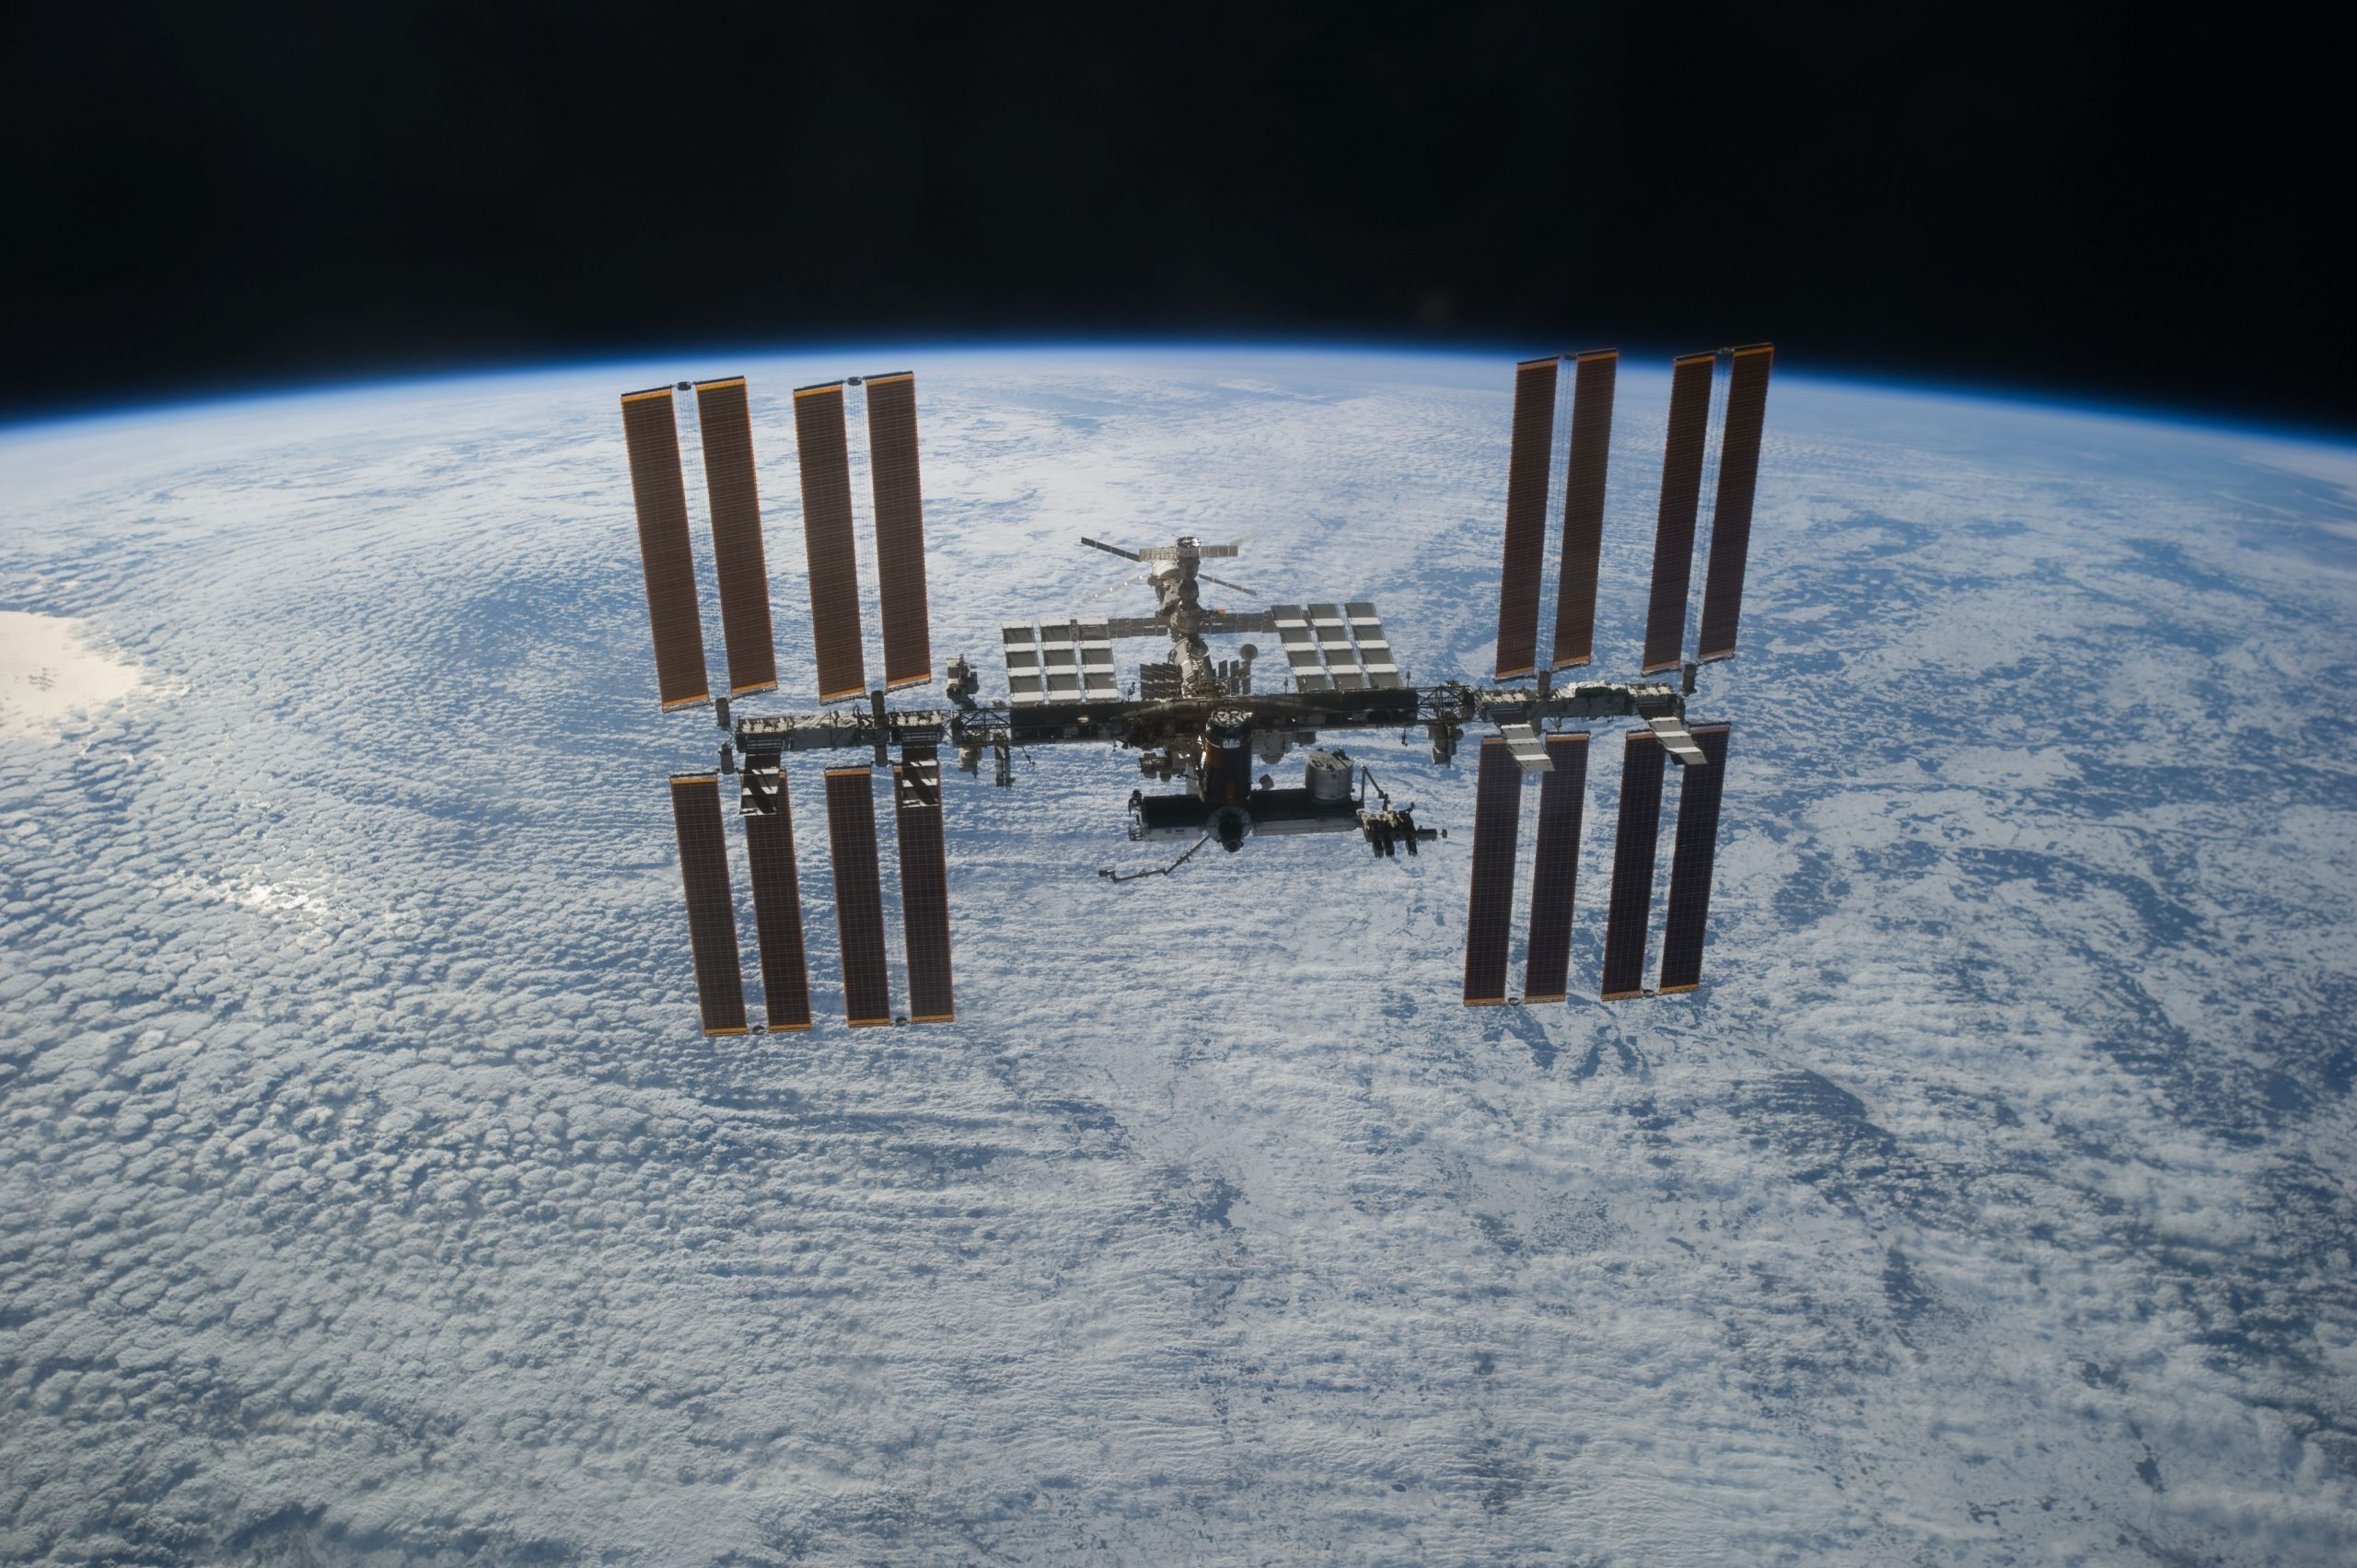 Роскосмос обсъжда конфигурацията, орбитата на новата орбитална станция